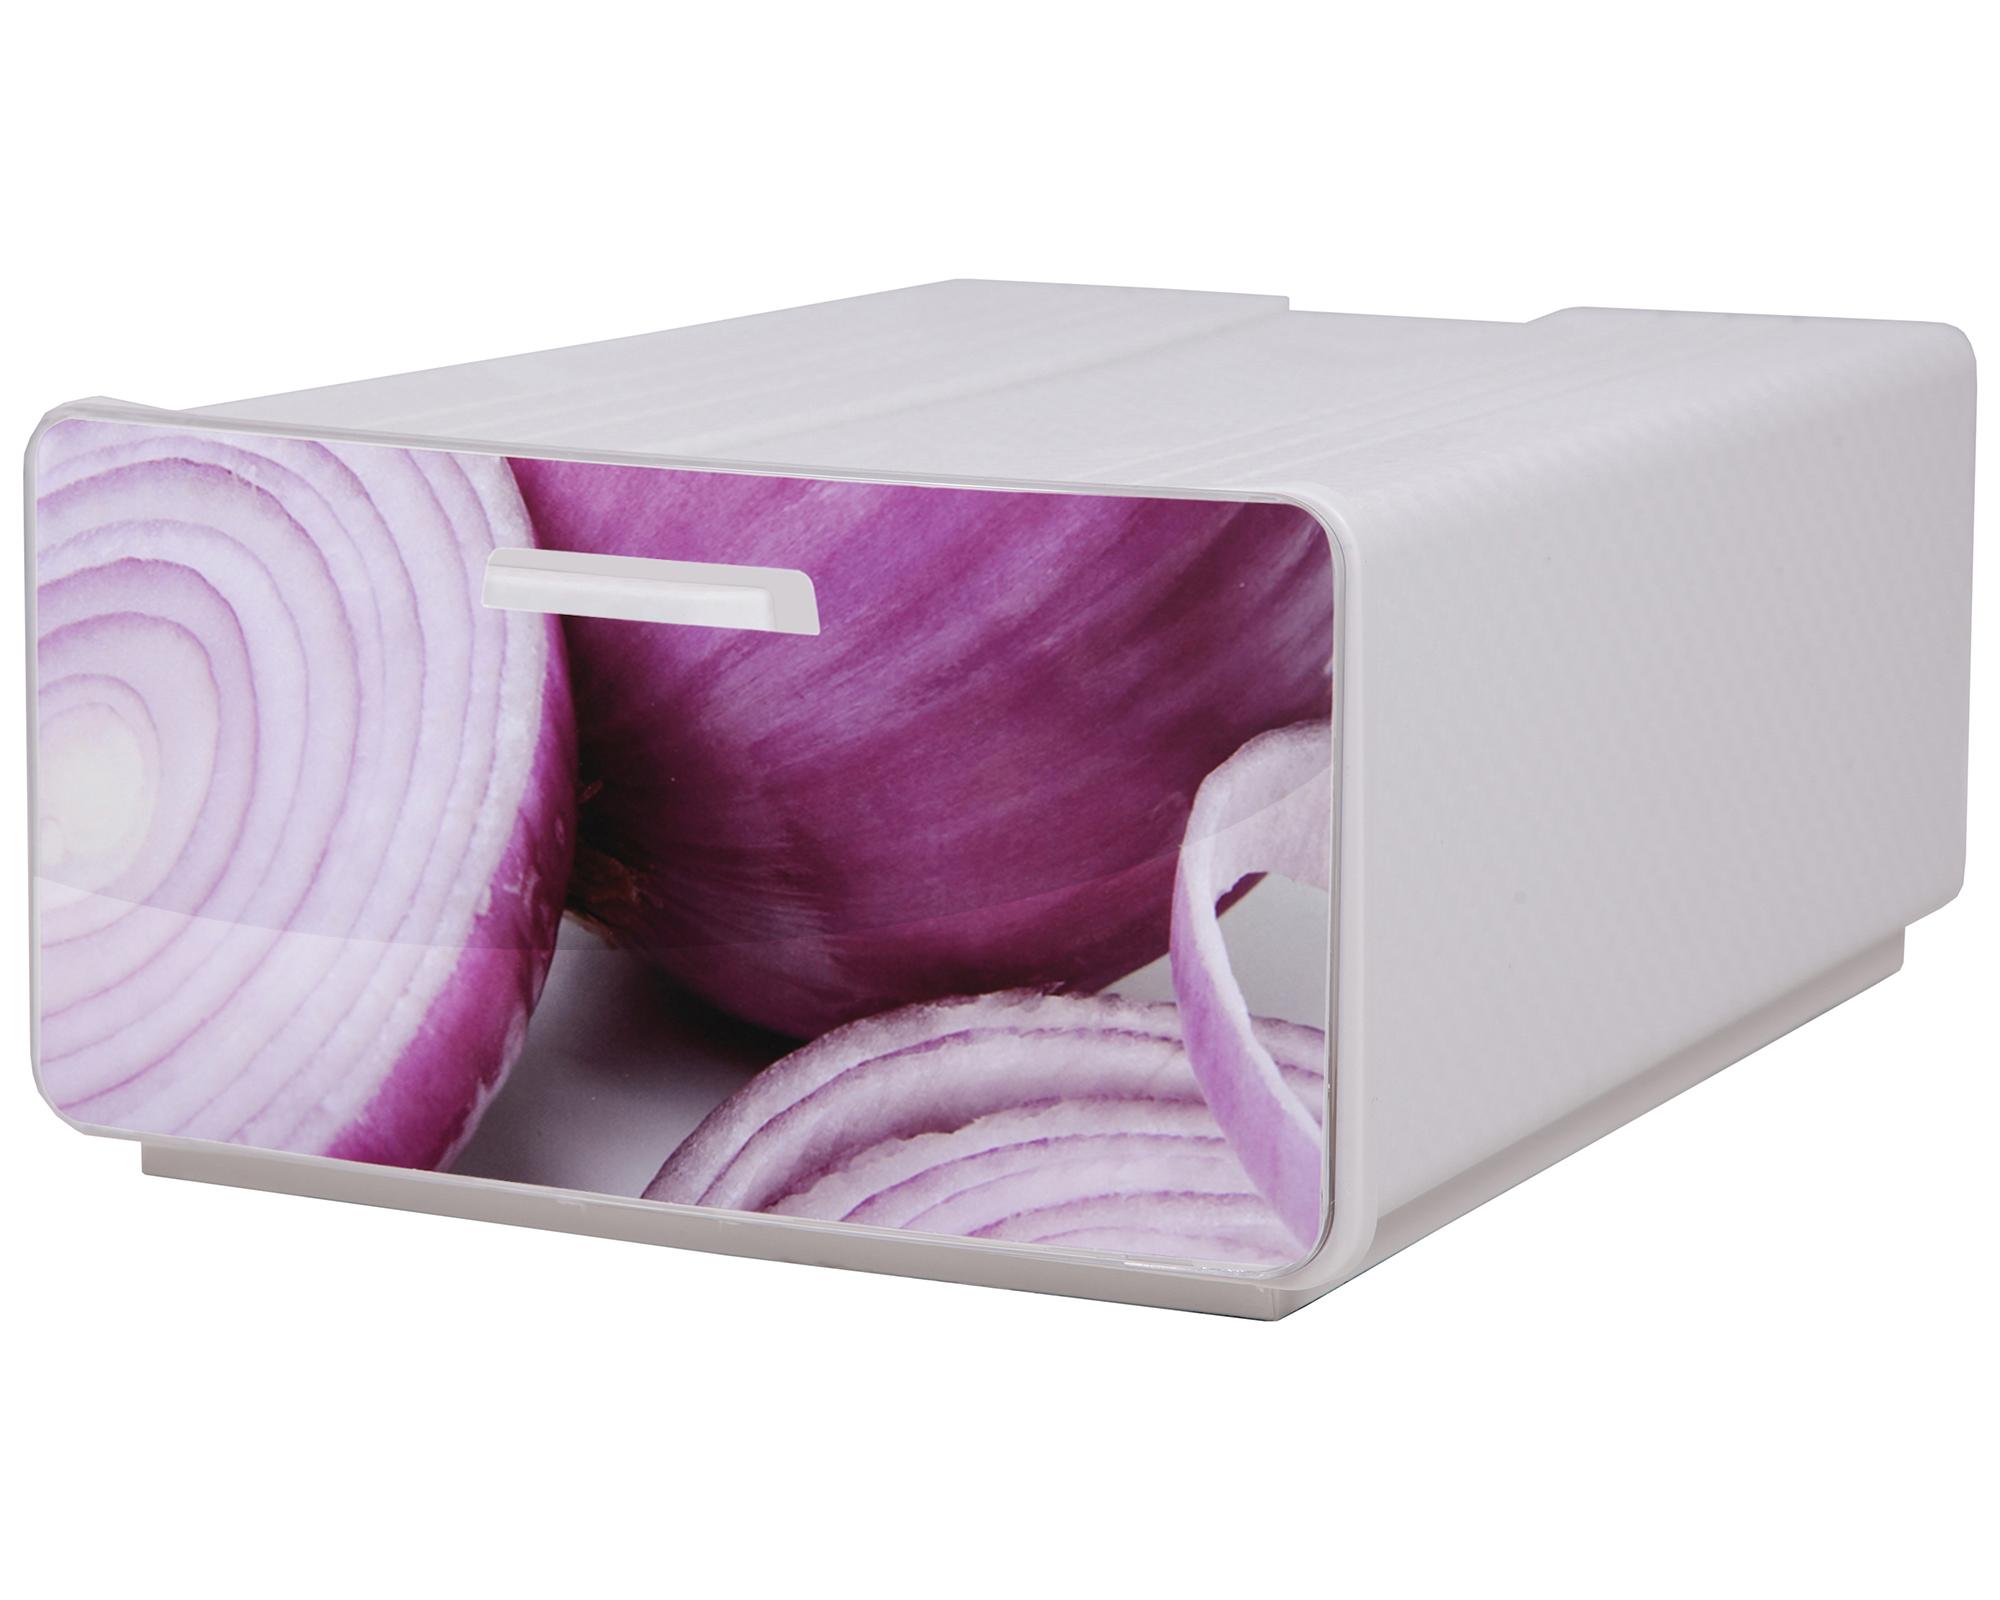 ondis24 boxy zwiebel g nstig online kaufen. Black Bedroom Furniture Sets. Home Design Ideas